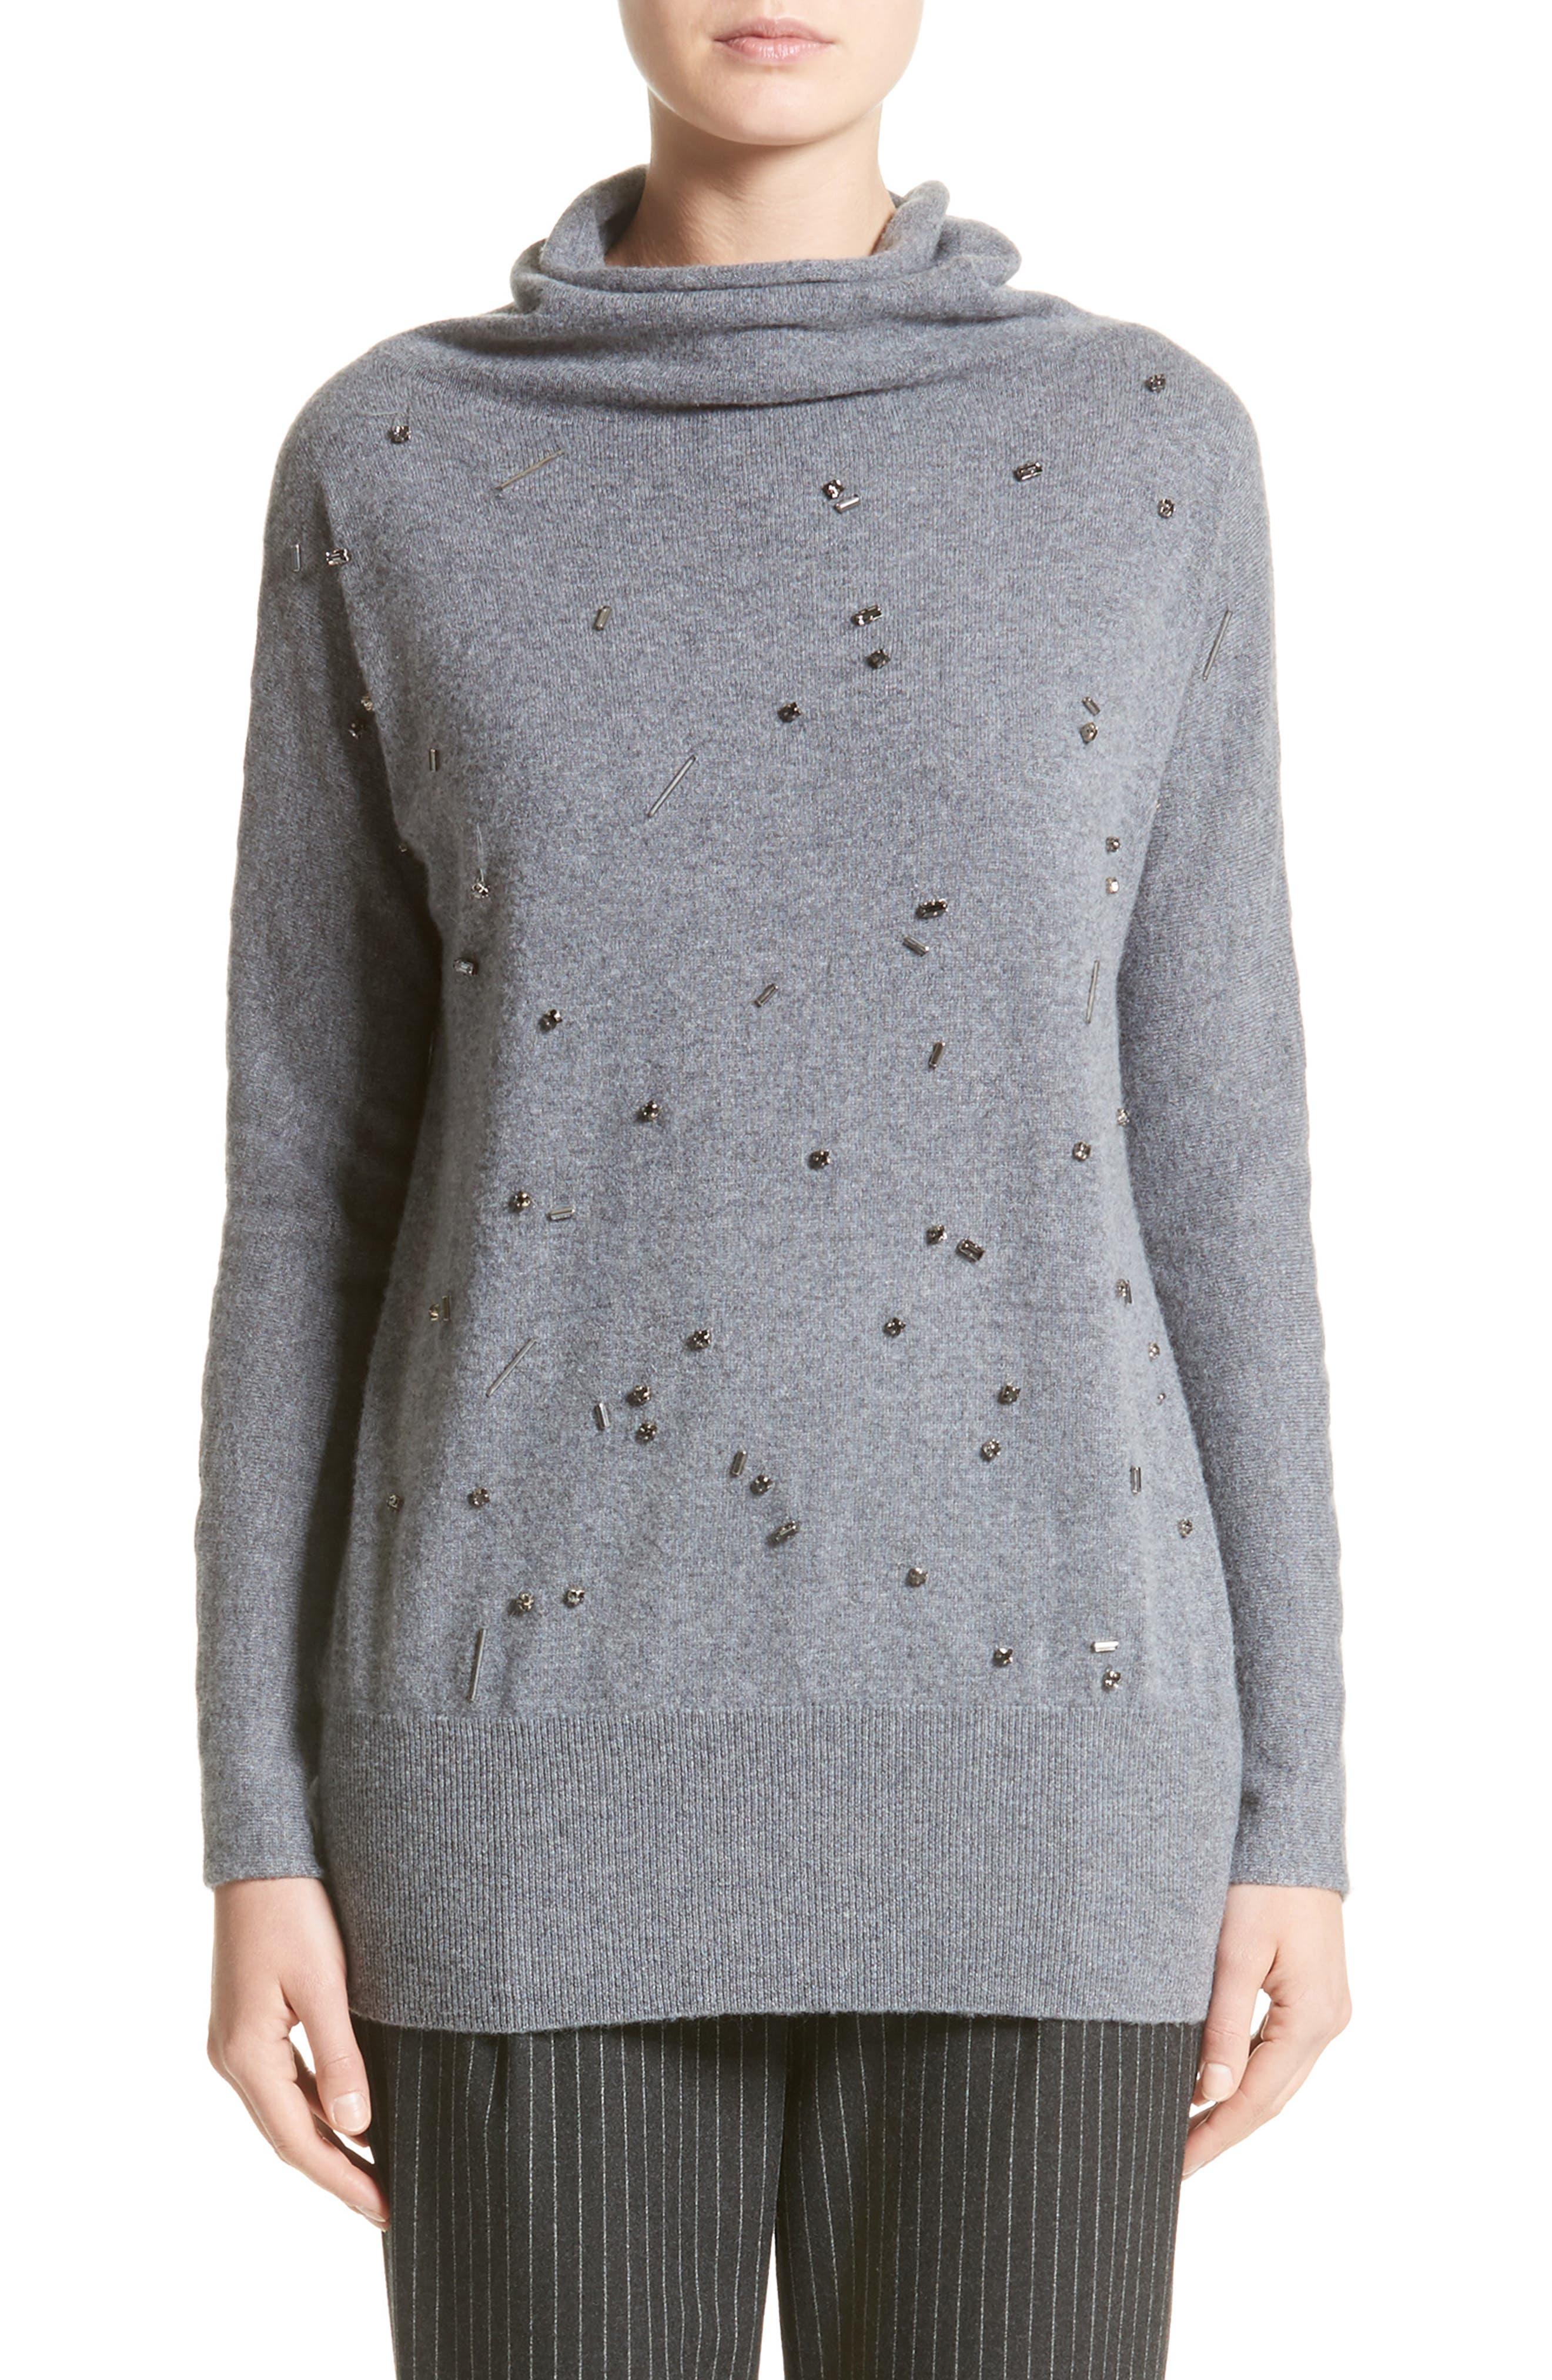 Fabiana Filippi Embellished Cashmere Turtleneck Sweater